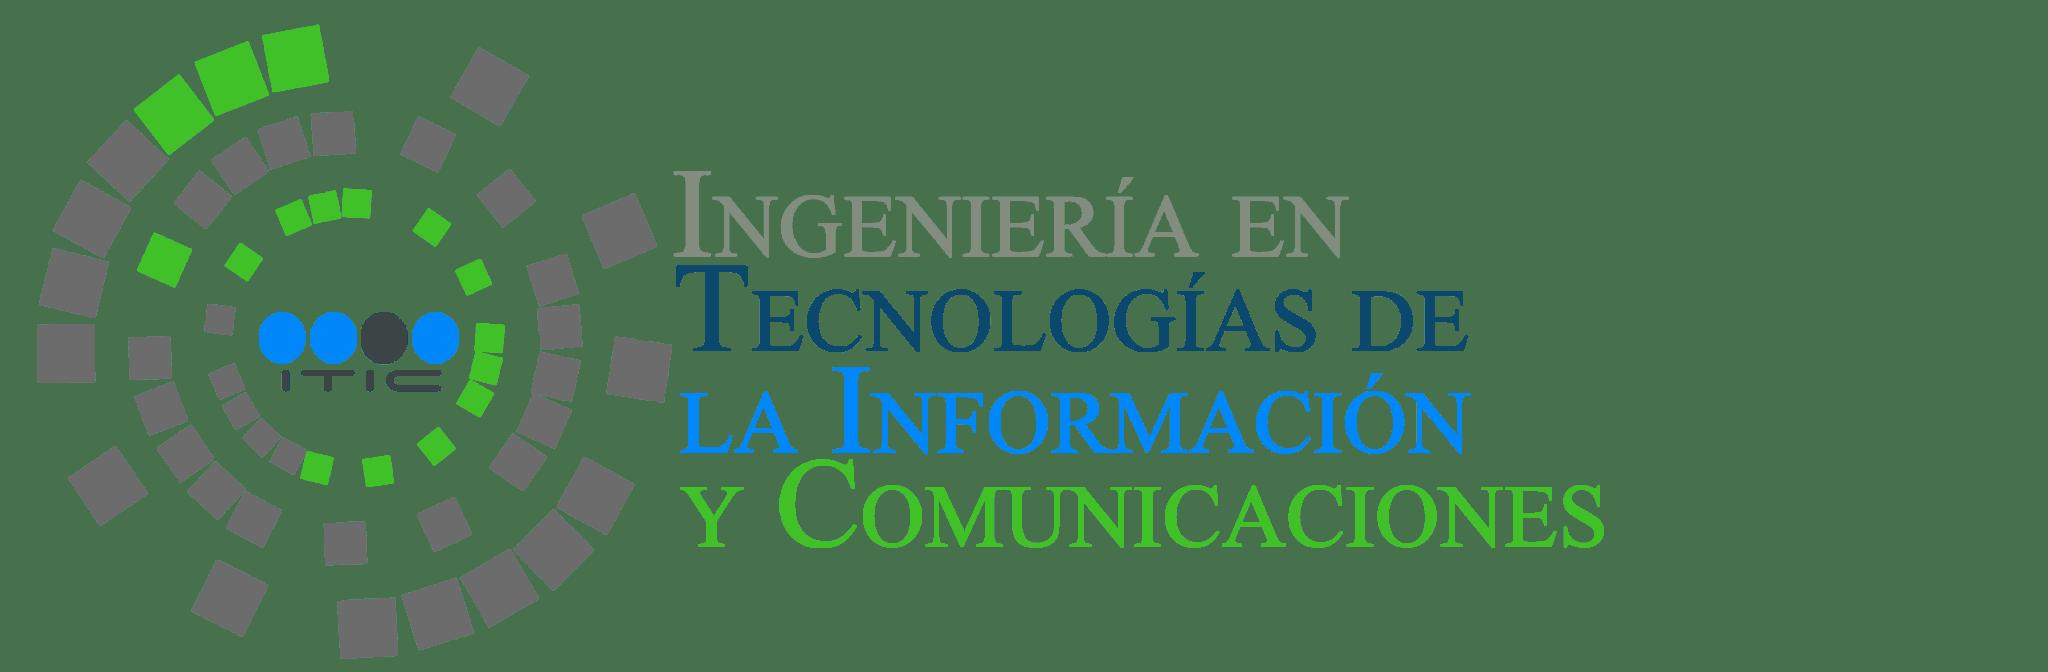 TECNOLOGIAS DE LA INFORMACION Y COMUNICACIONES_HEADING